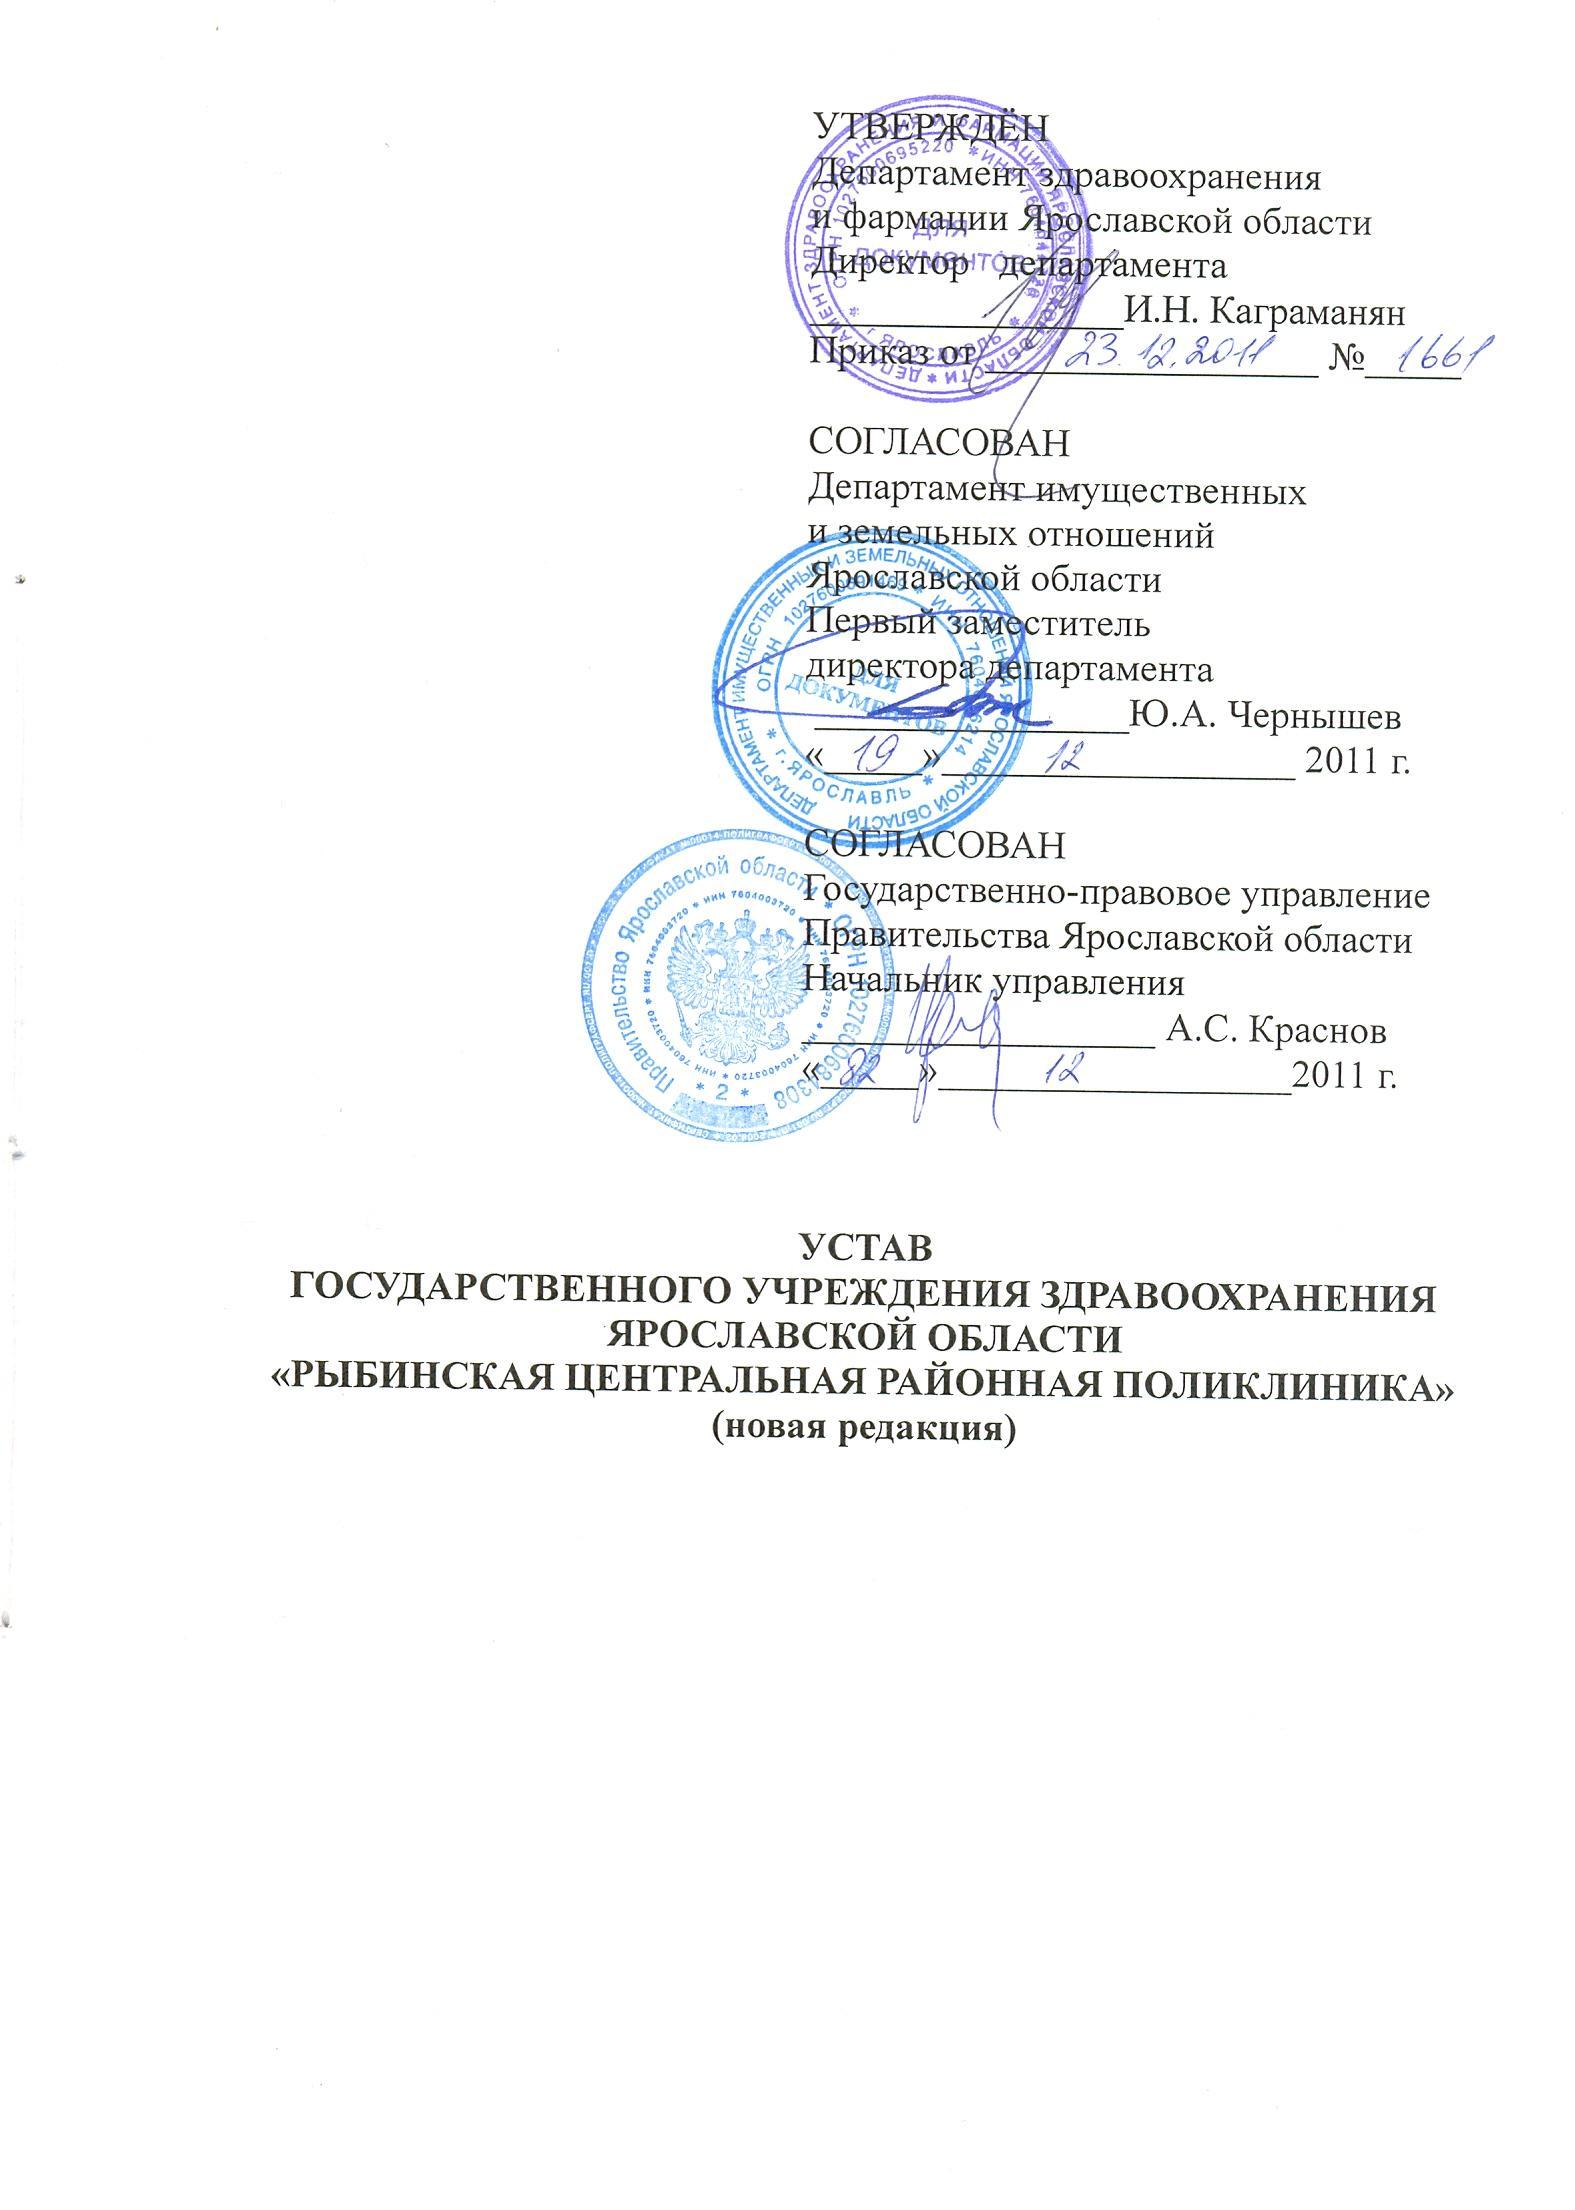 Кузнецкая 23 псков поликлиника телефон